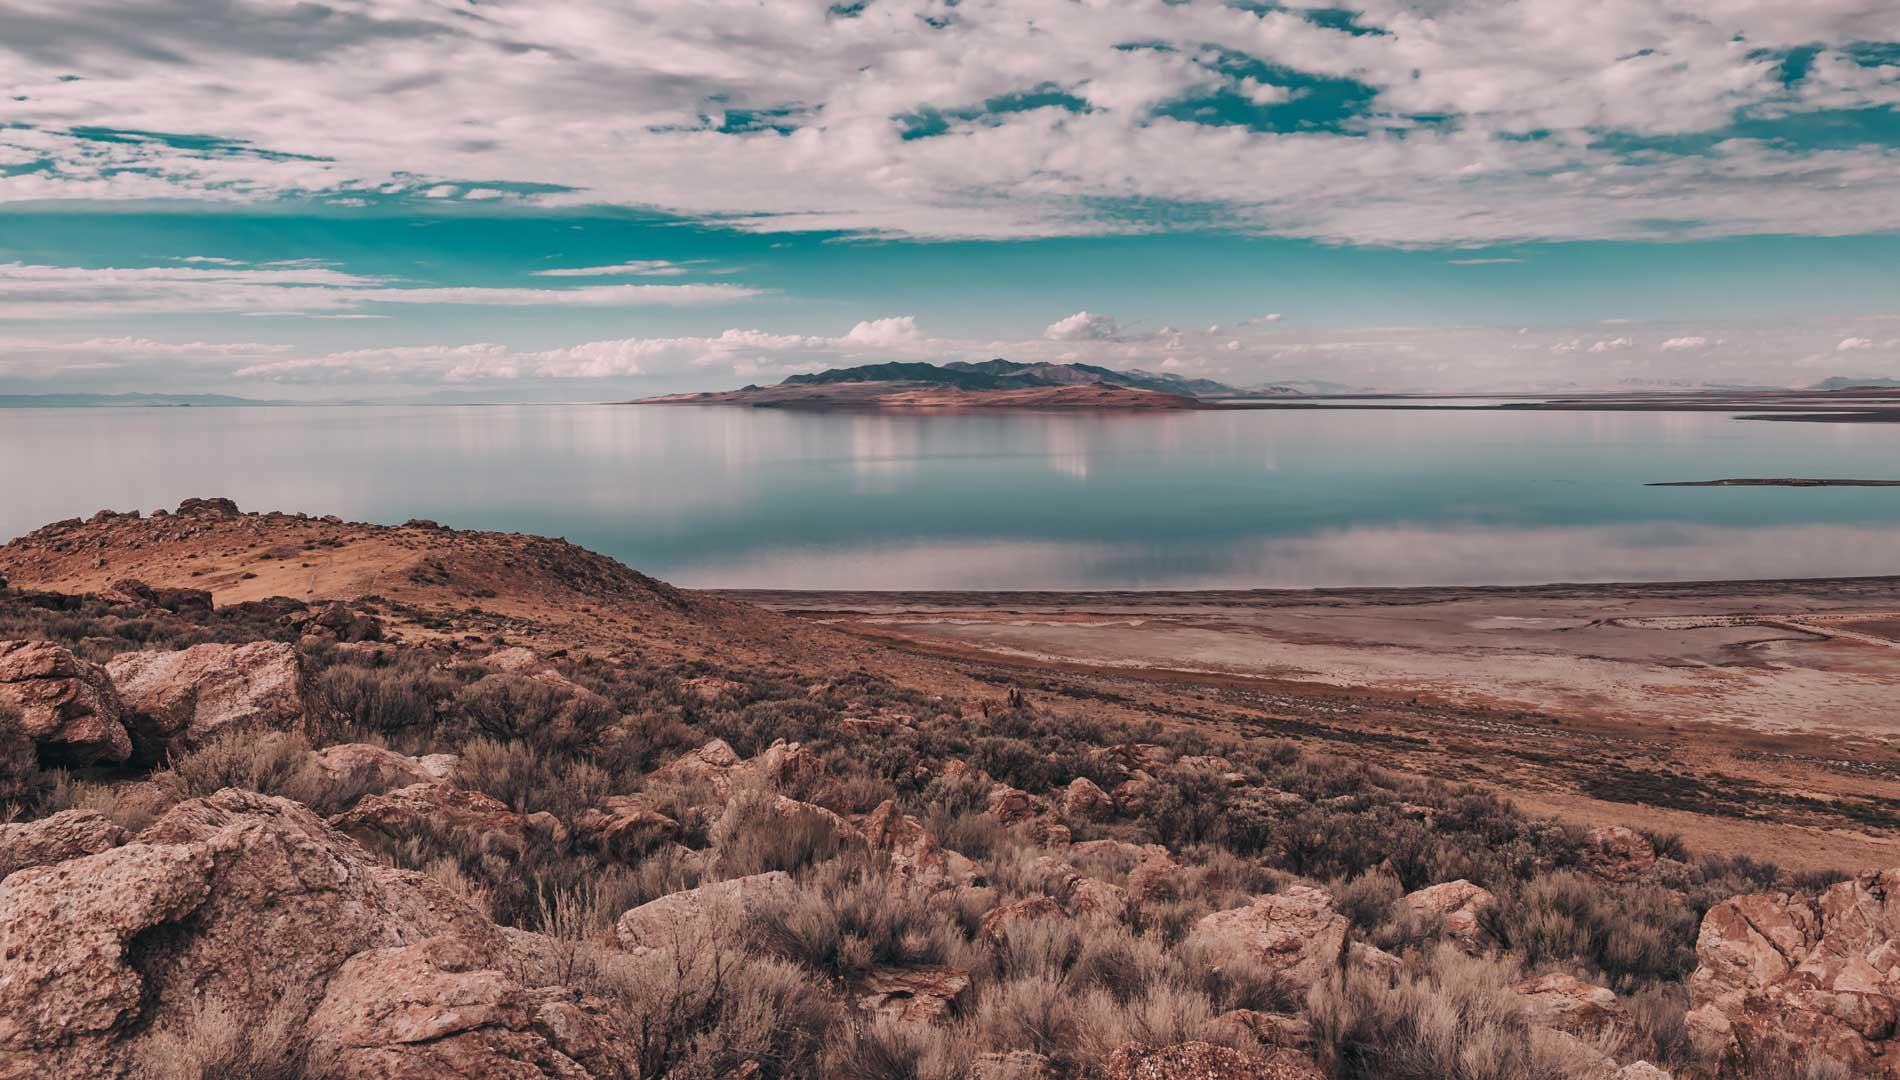 view of lake salt lake city utah